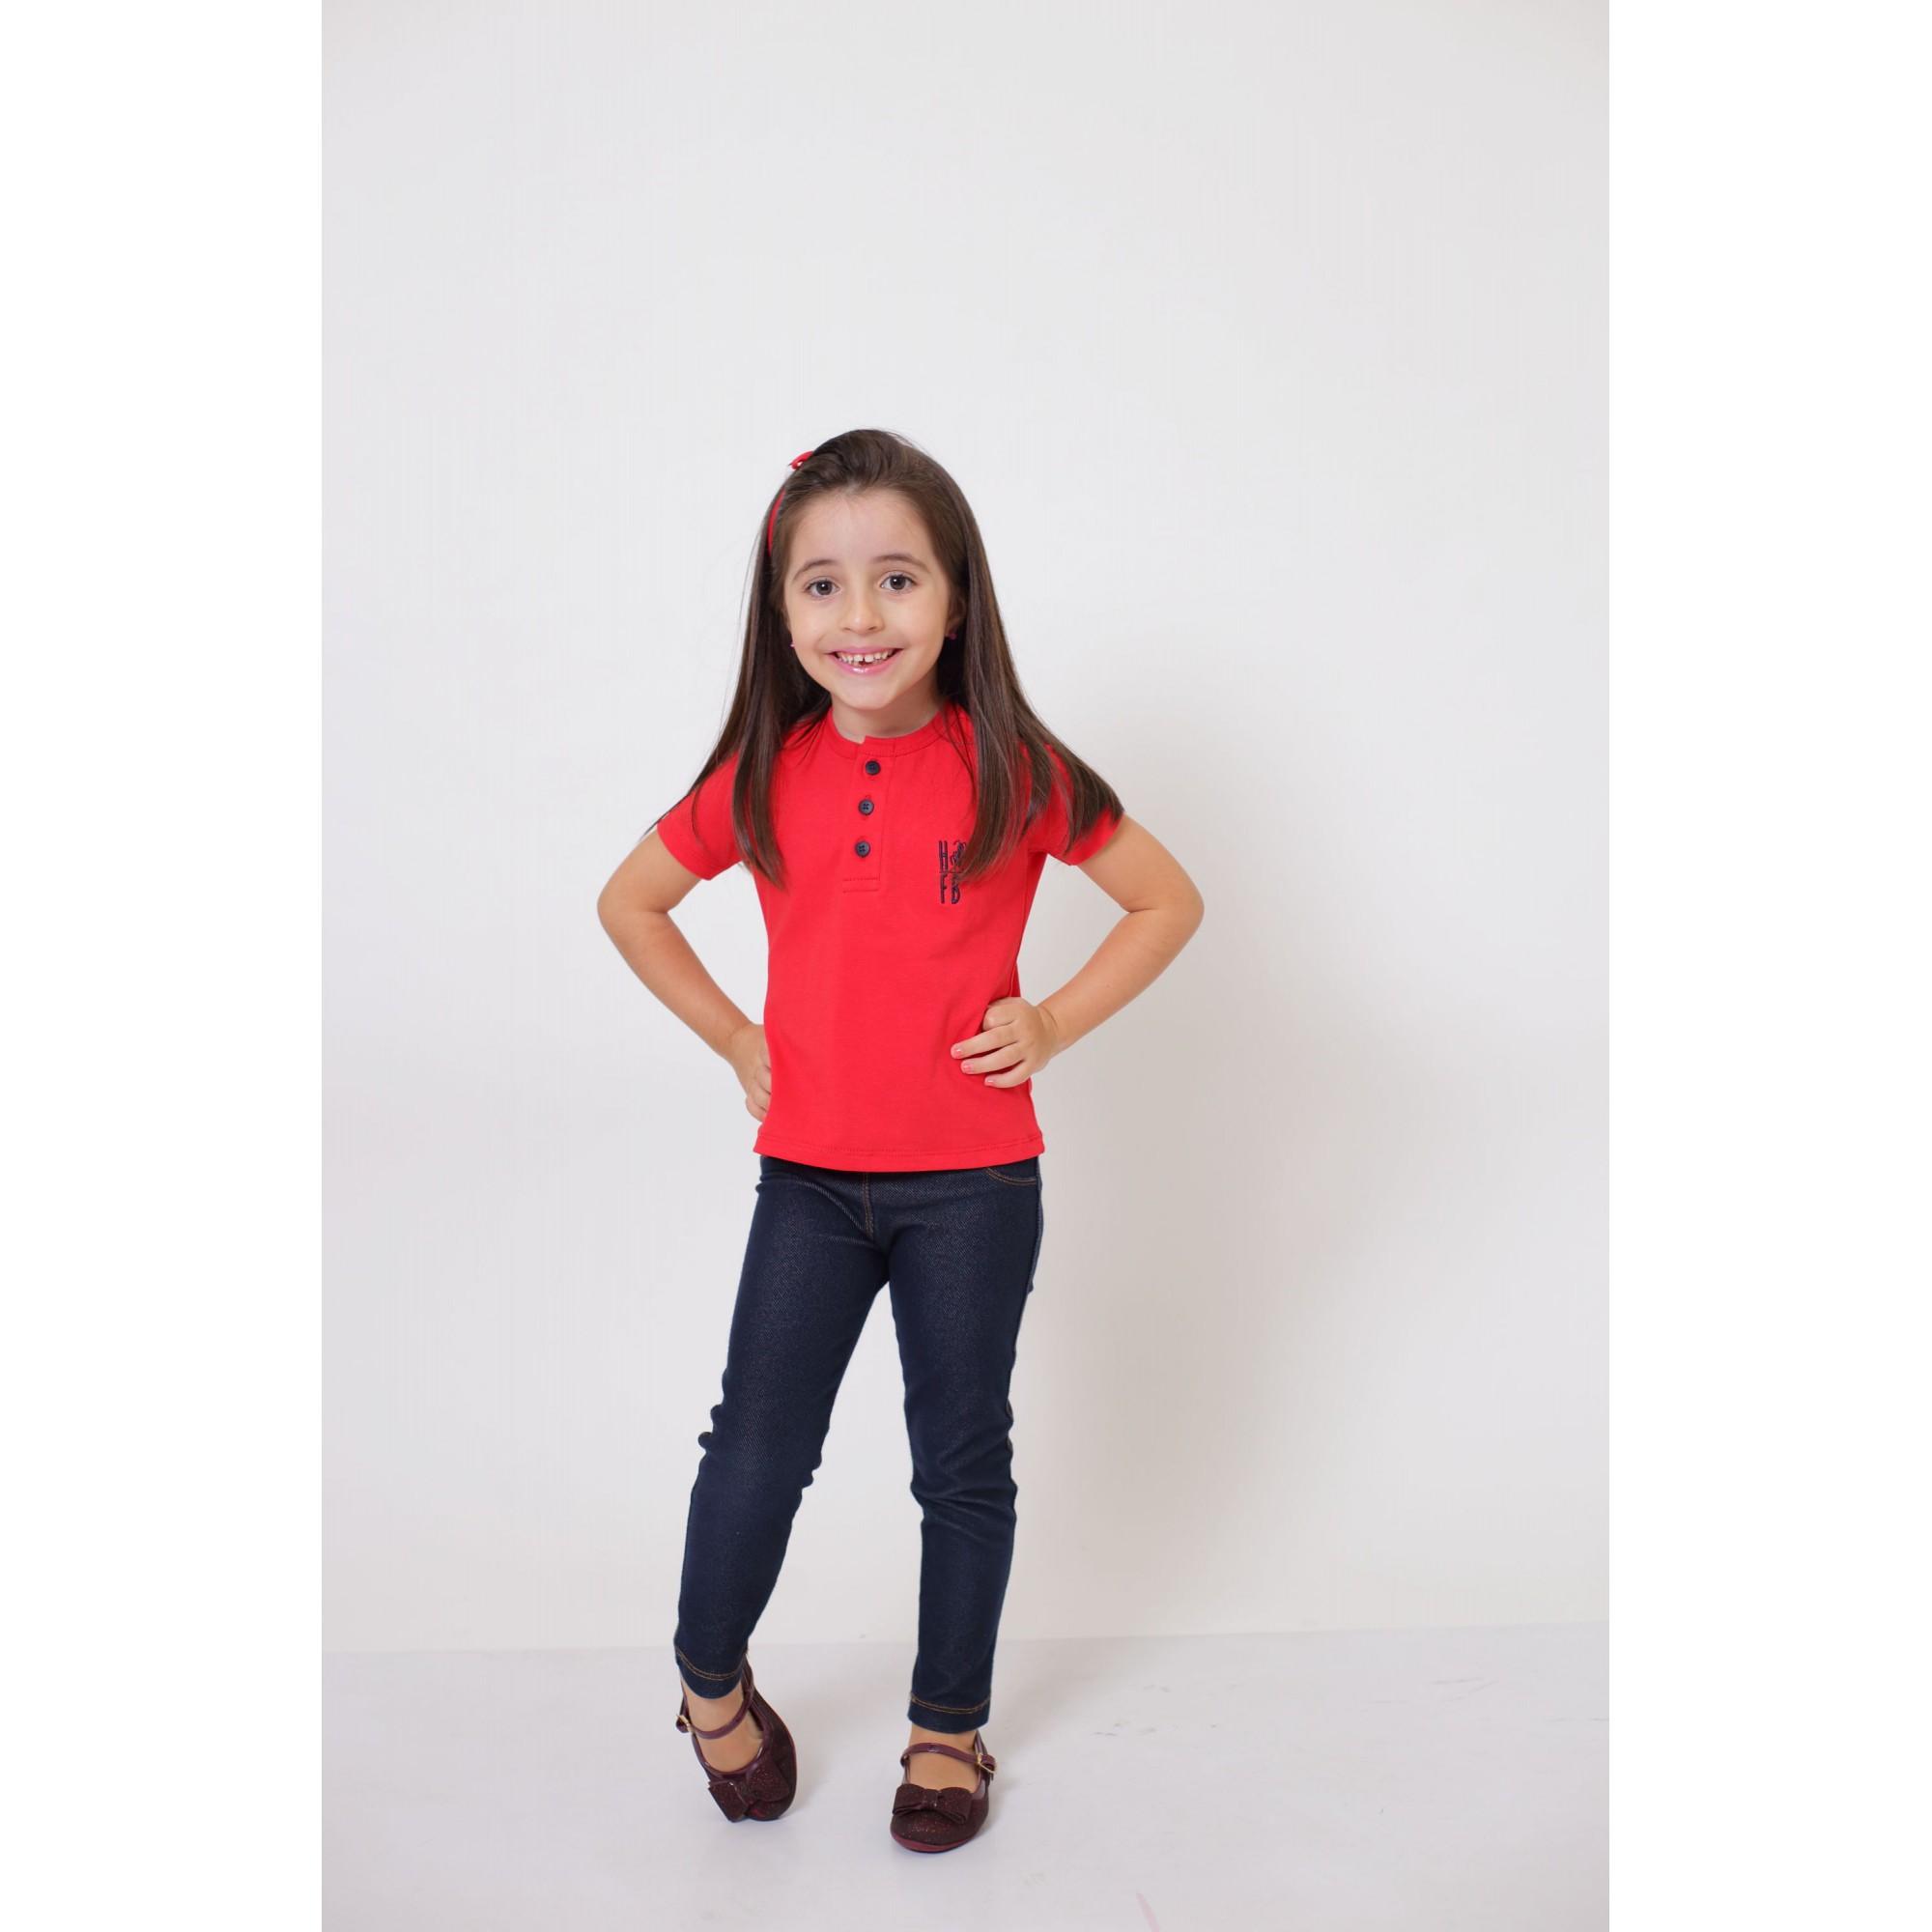 PAIS E FILHA > Kit 3 Peças - T-Shirt ou Body Henley - Vermelho [Coleção Família]  - Heitor Fashion Brazil